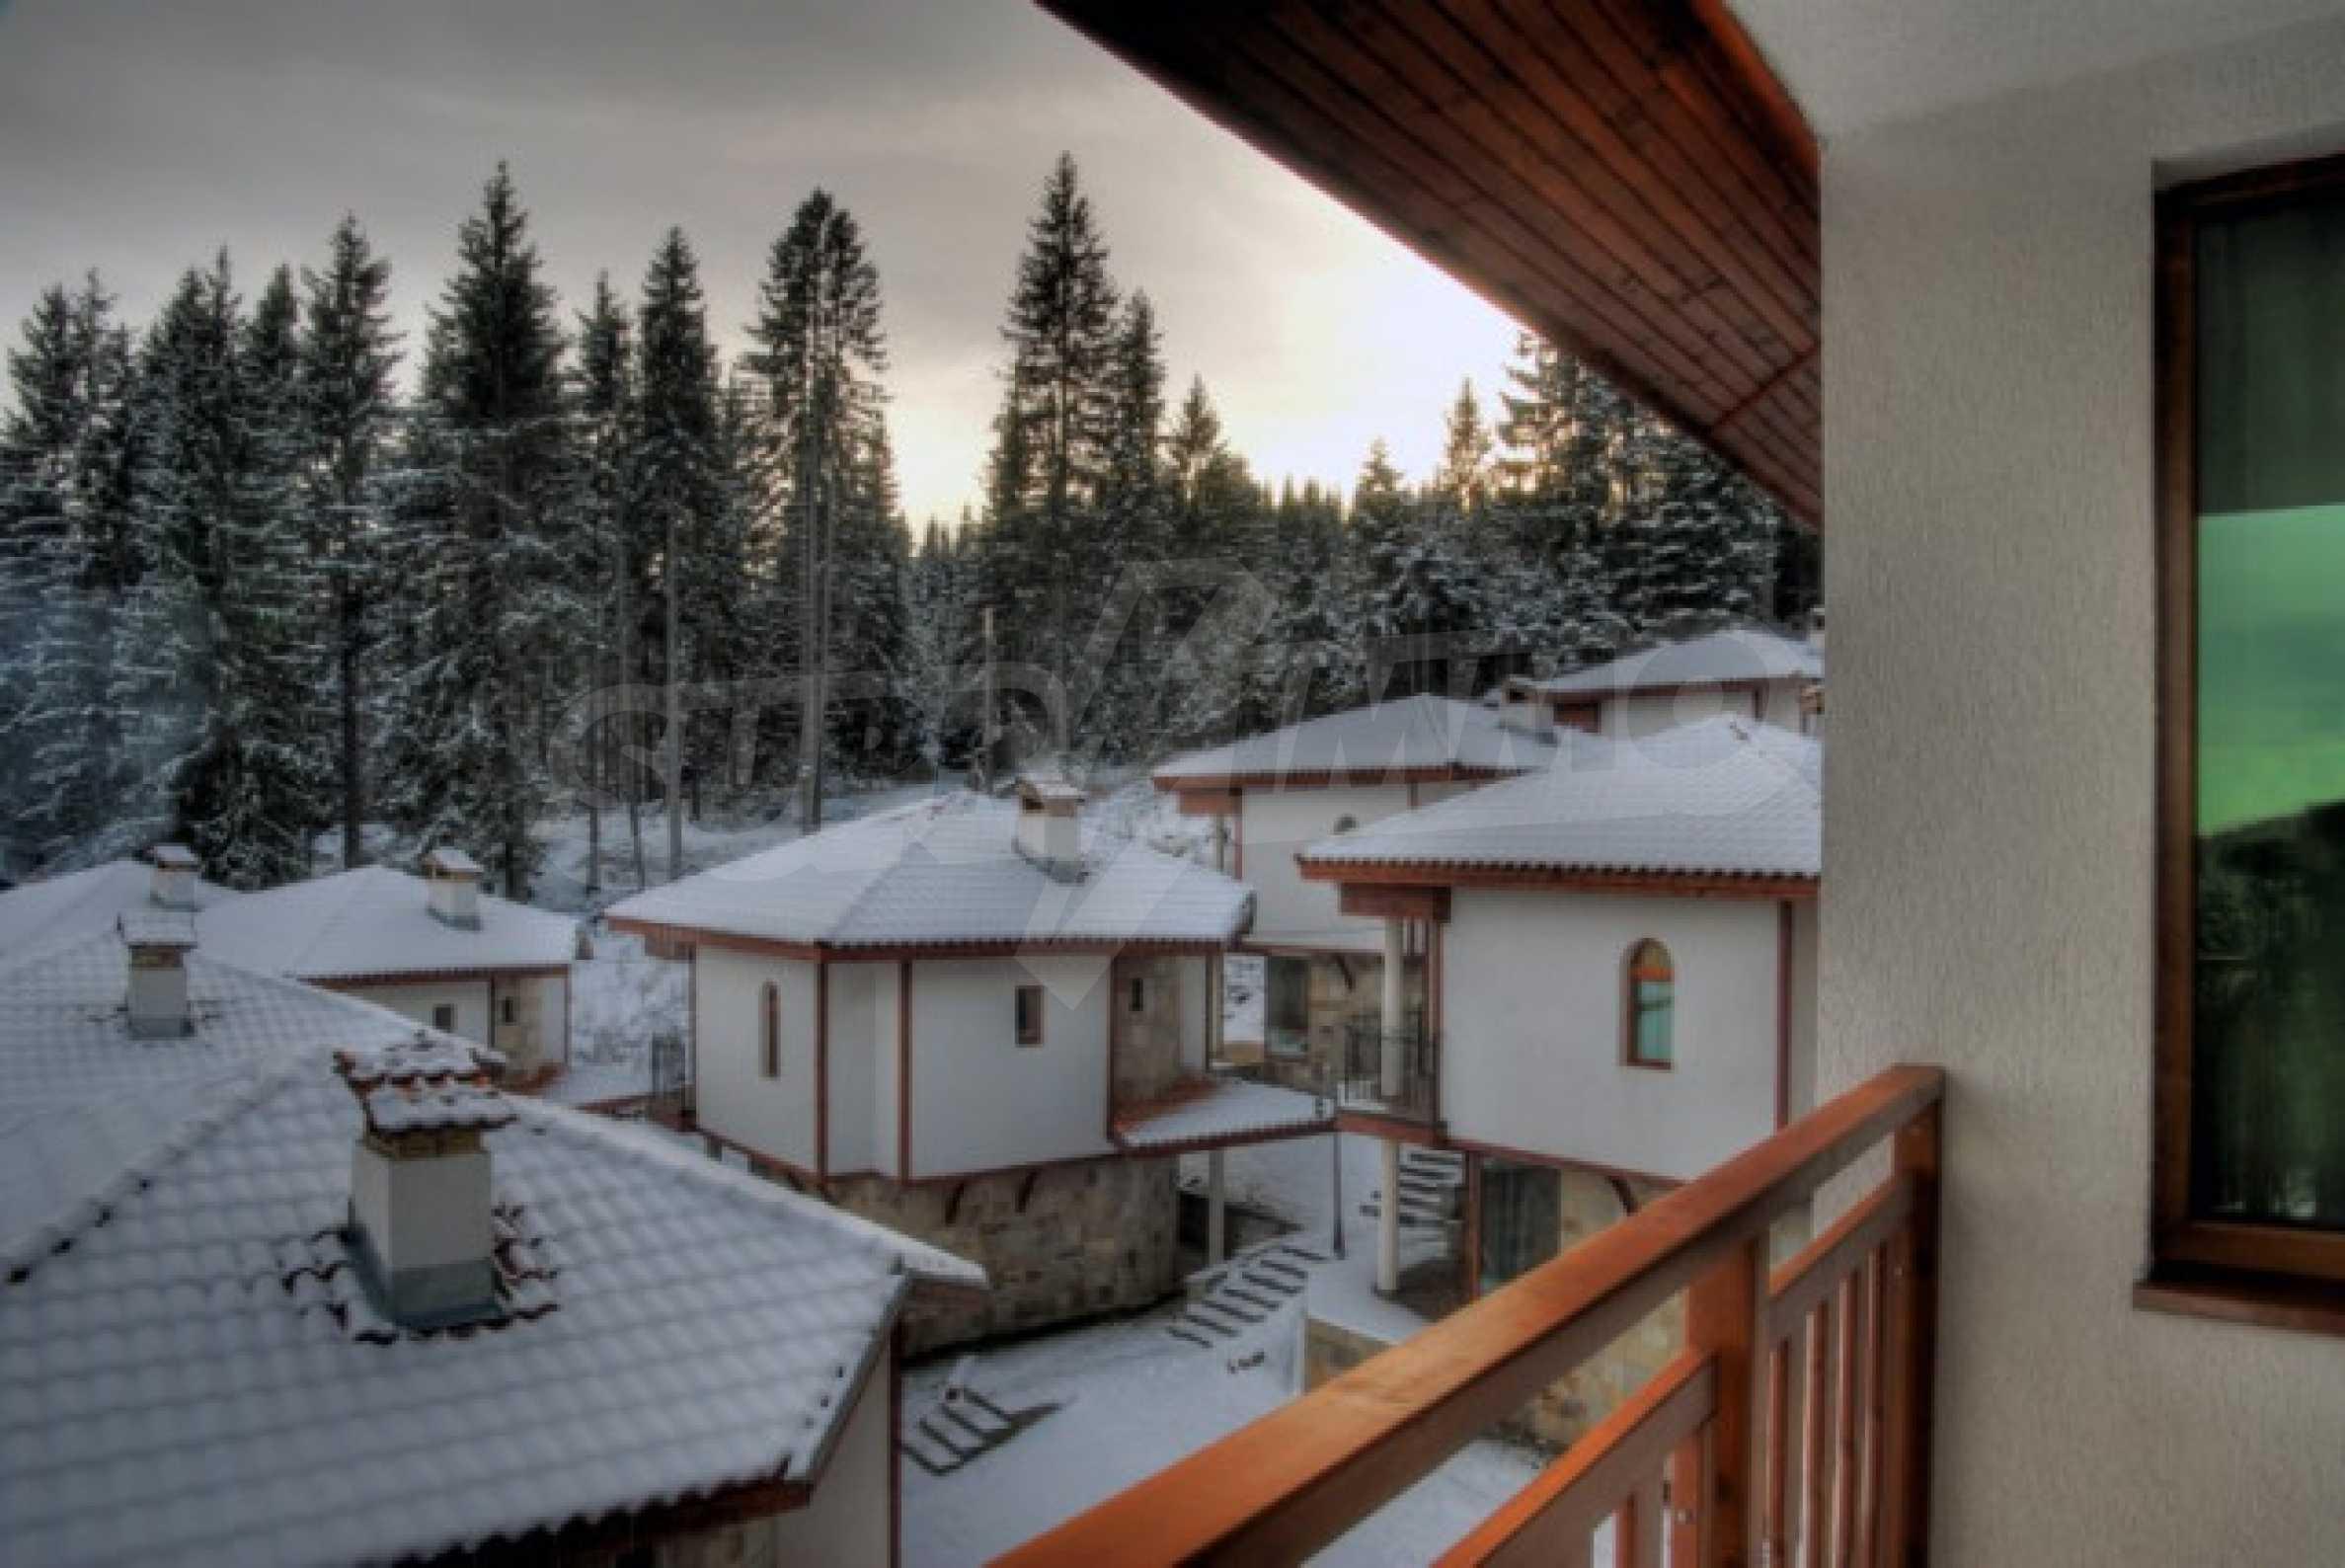 Апартаменти на атрактивни цени в планински ваканционен комплекс в Пампорово 23